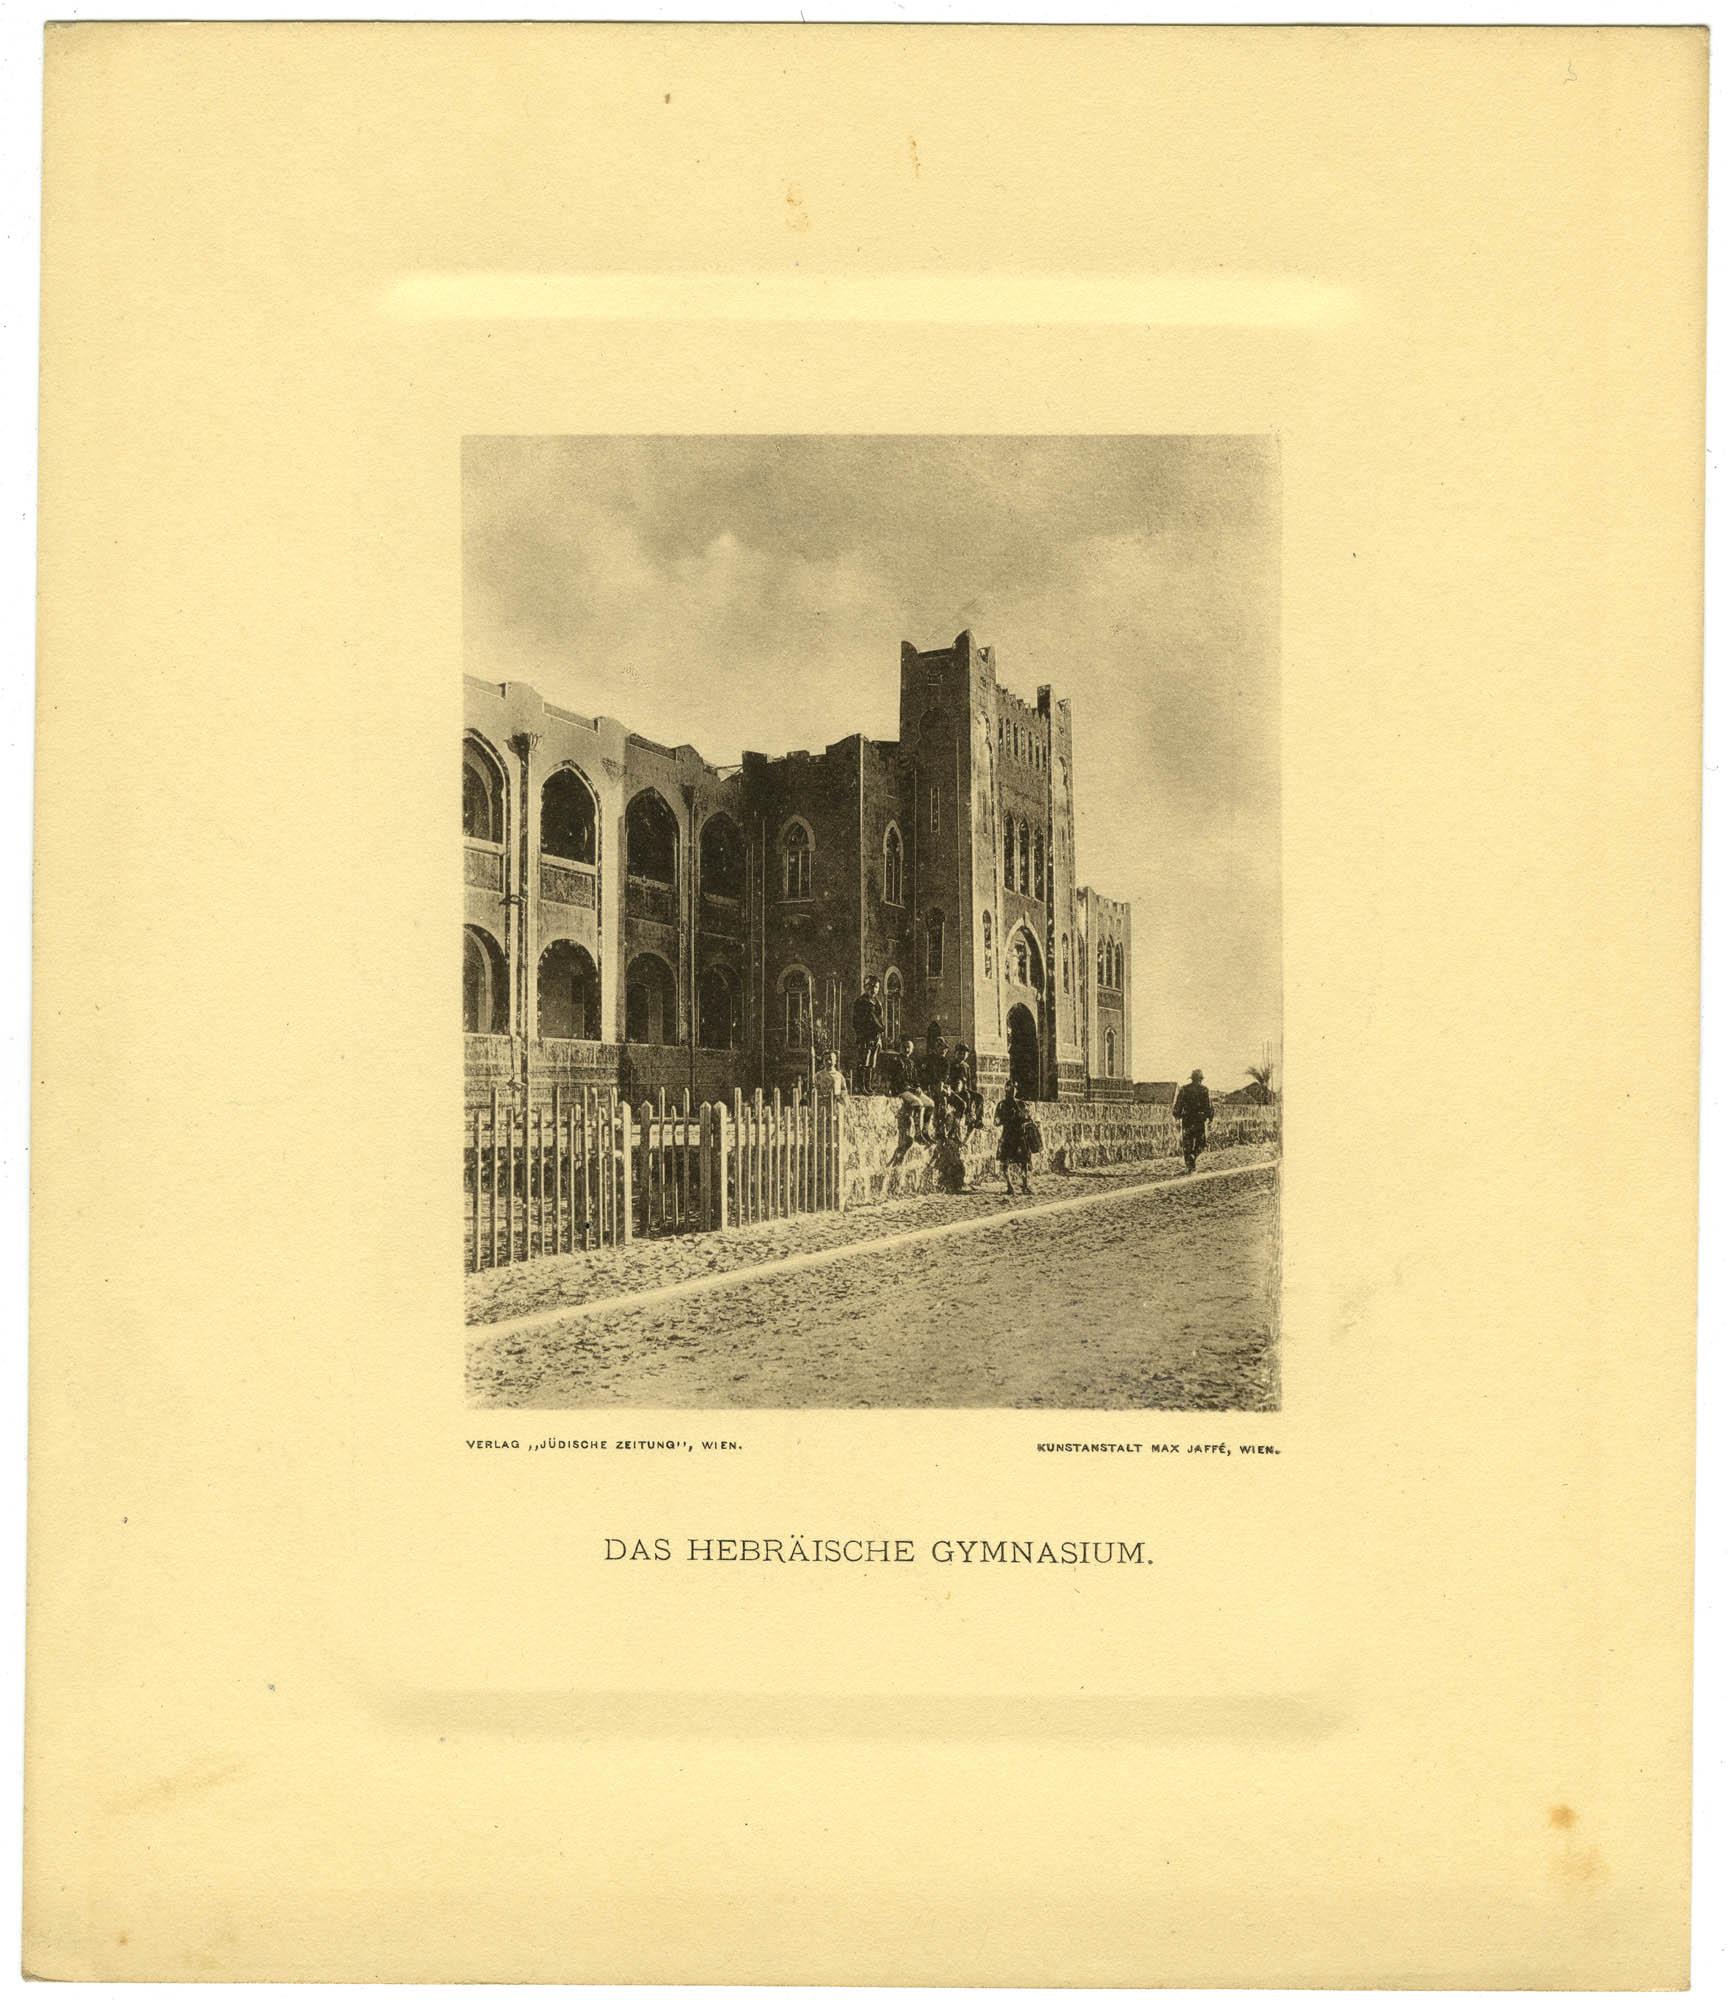 Das Hebräische Gymnasium